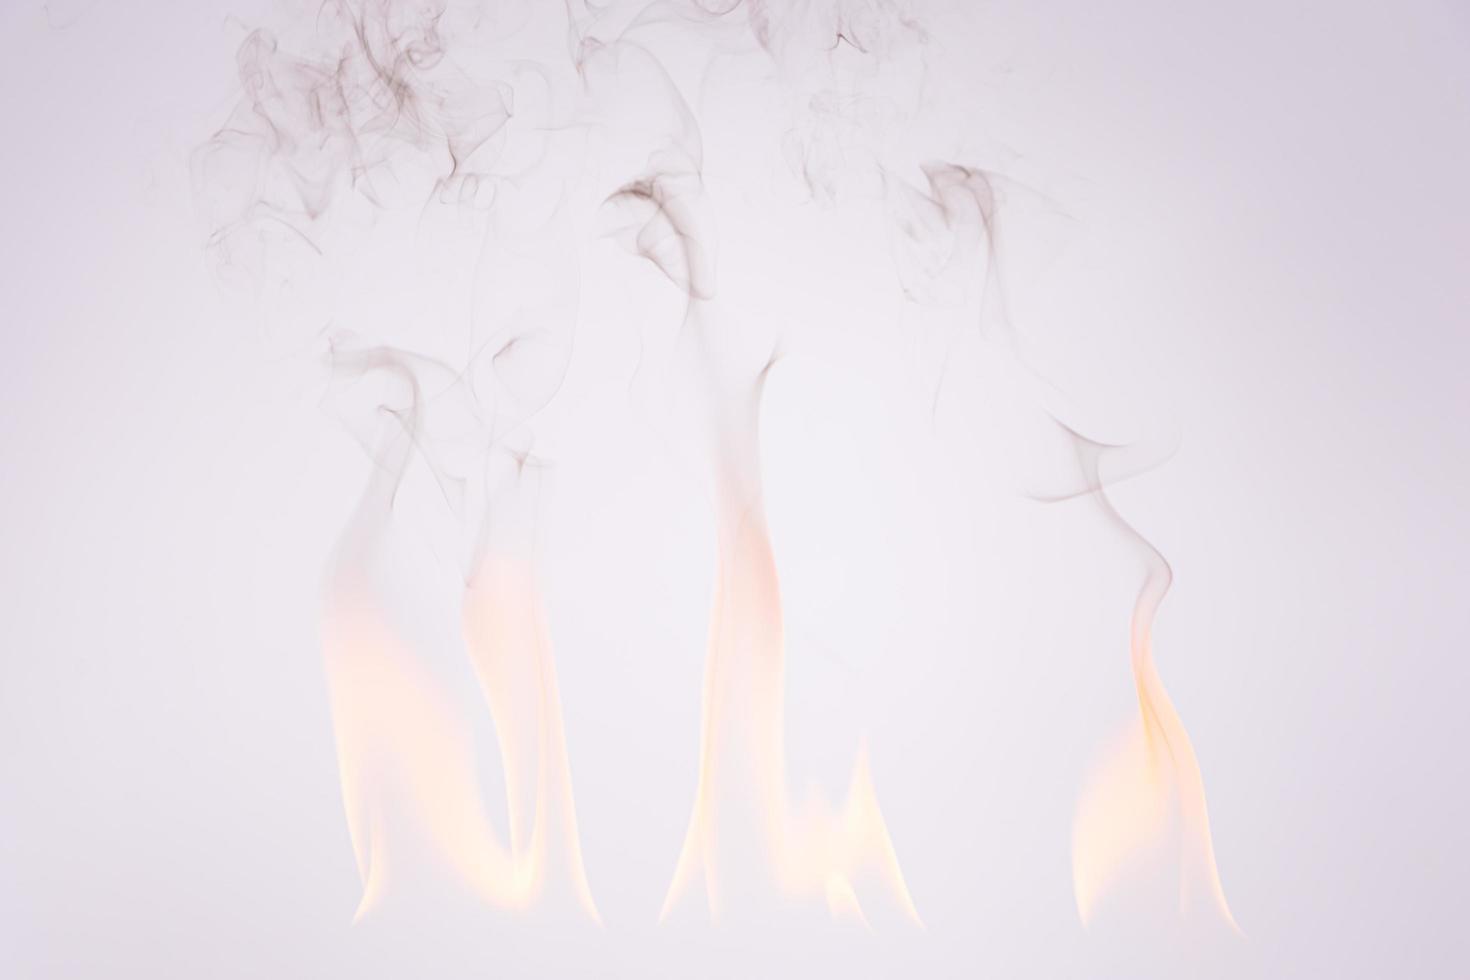 fuego y humo sobre fondo blanco foto